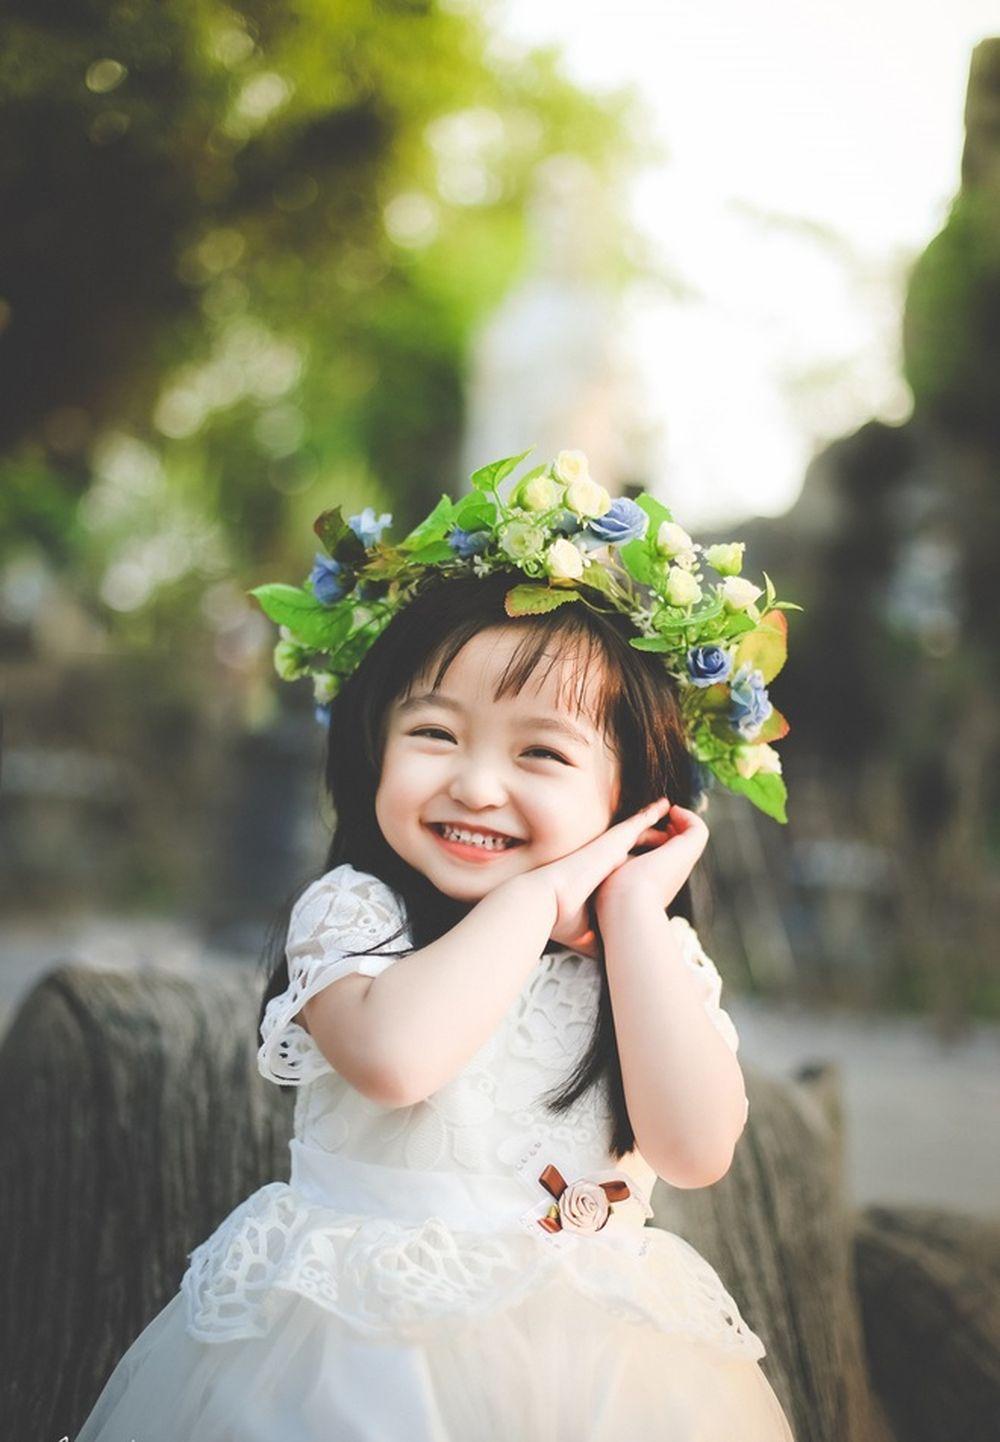 Từ khi xuất hiện, hình ảnh đáng yêu của bé thu hút được nhiều sự quan tâm của cư dân mạng, báo Khám phá cho biết.